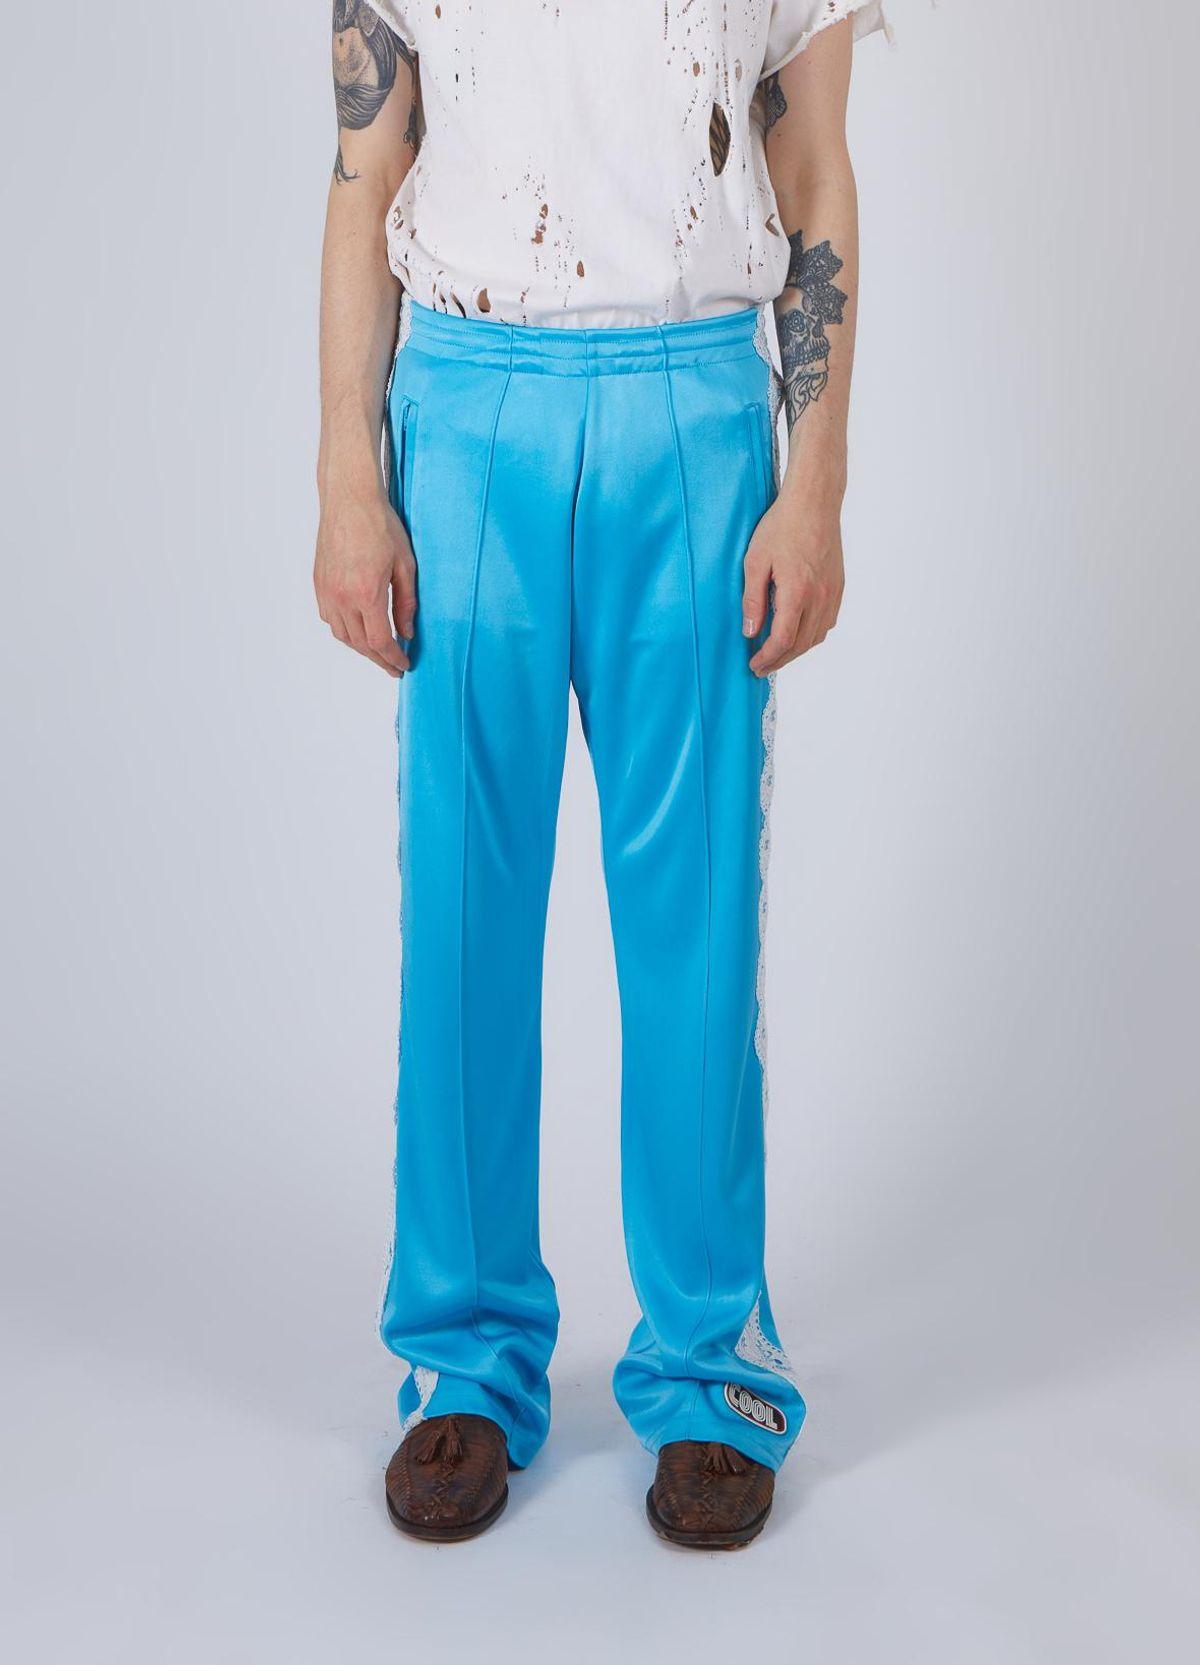 cool tm lace tracksuit pants